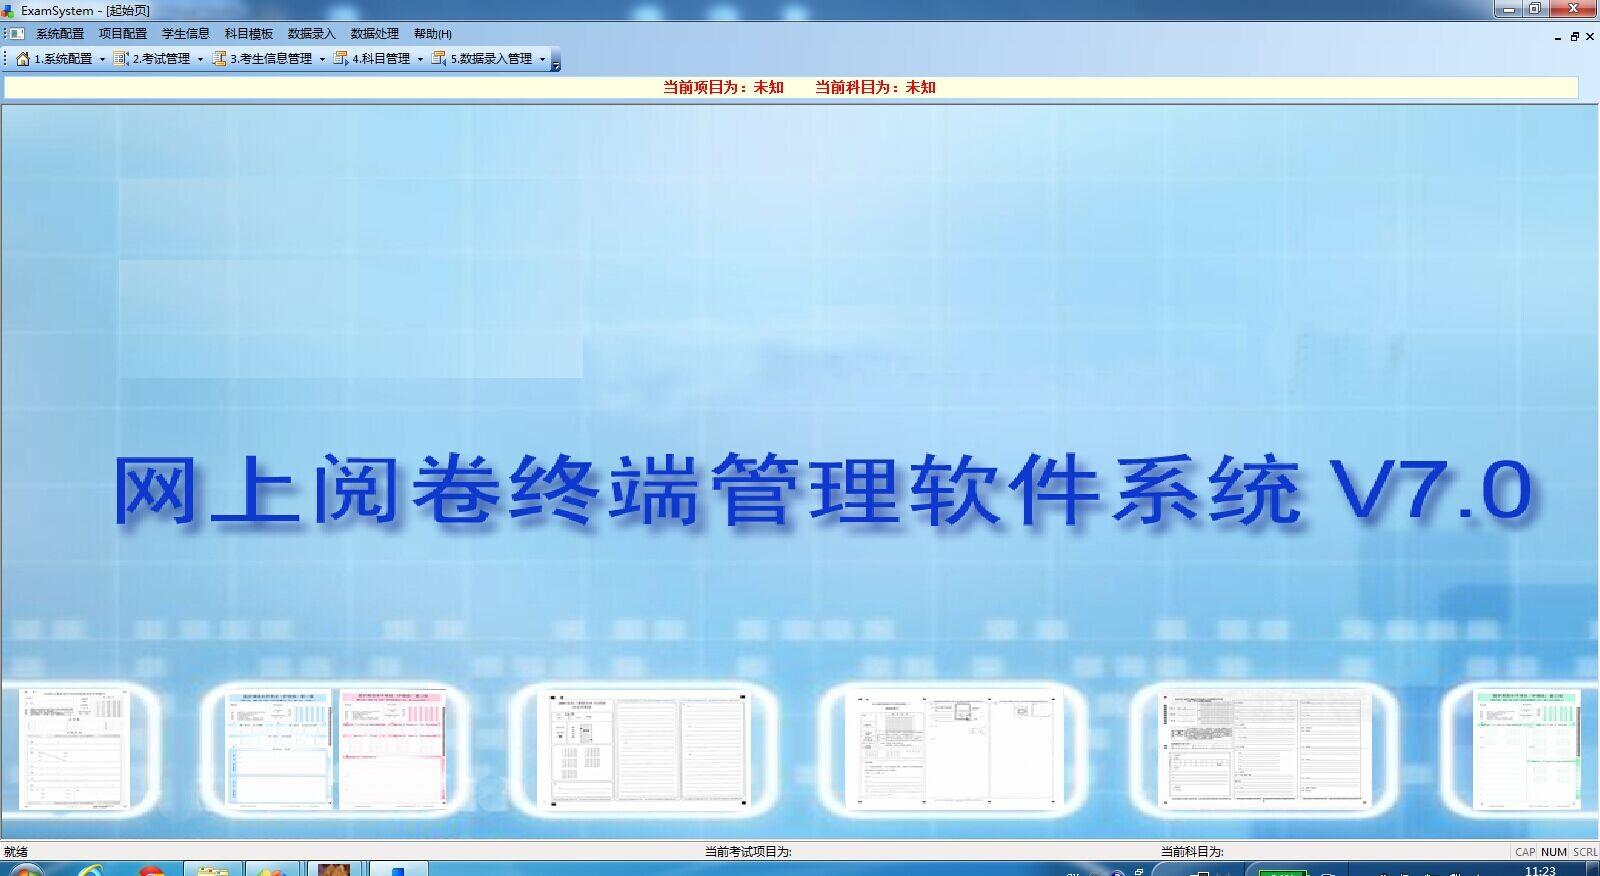 大连考试网上阅卷系统升级款 阅卷厂家批发